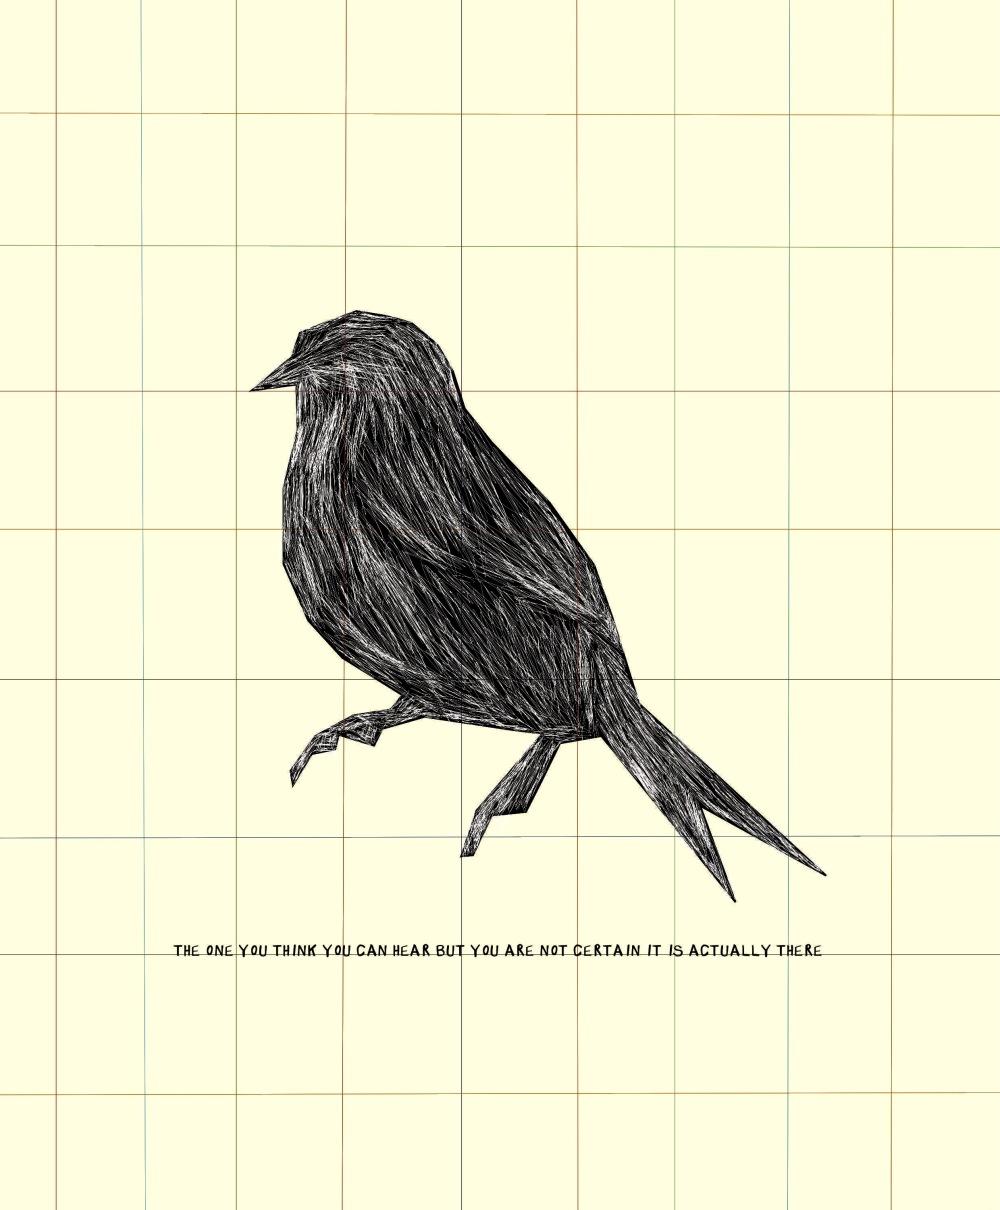 elan bird print 1